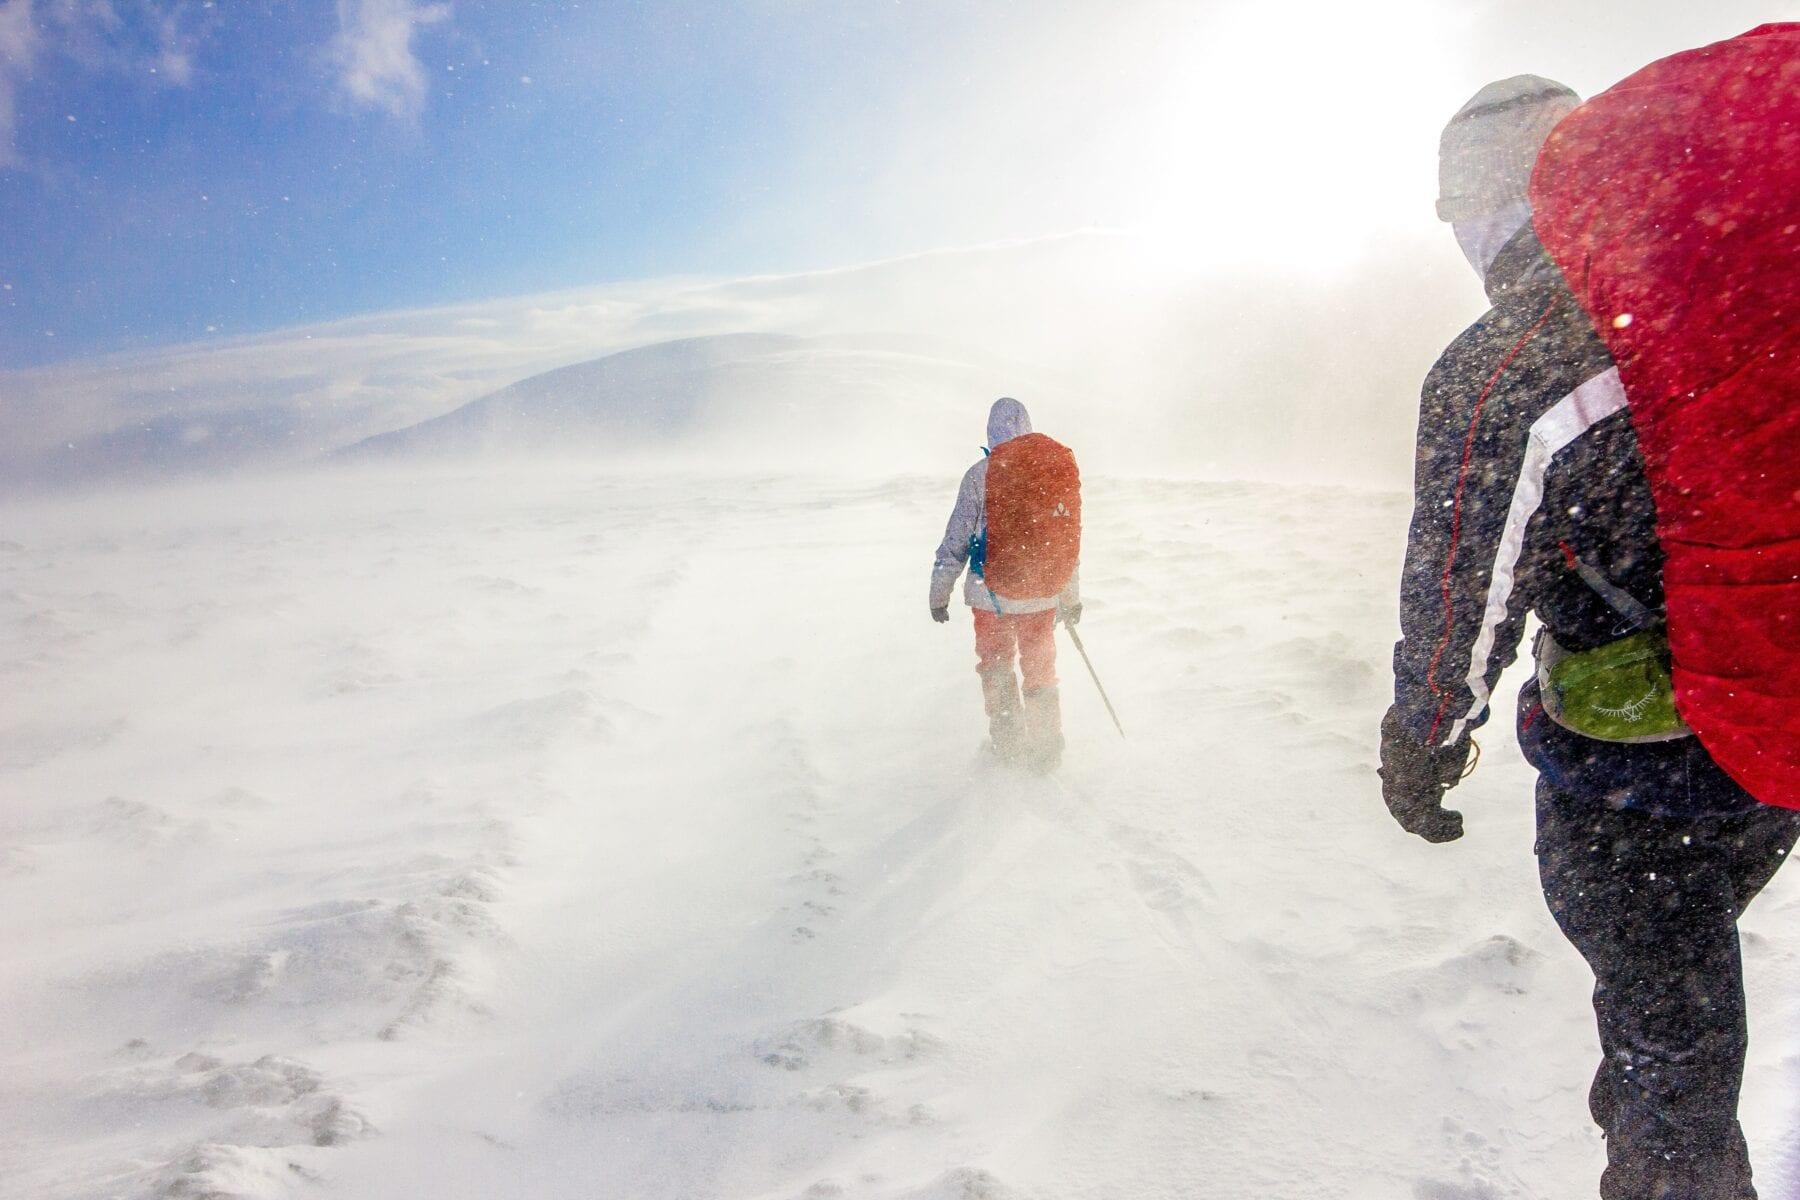 NKBV lidmaatschap gletsjertocht